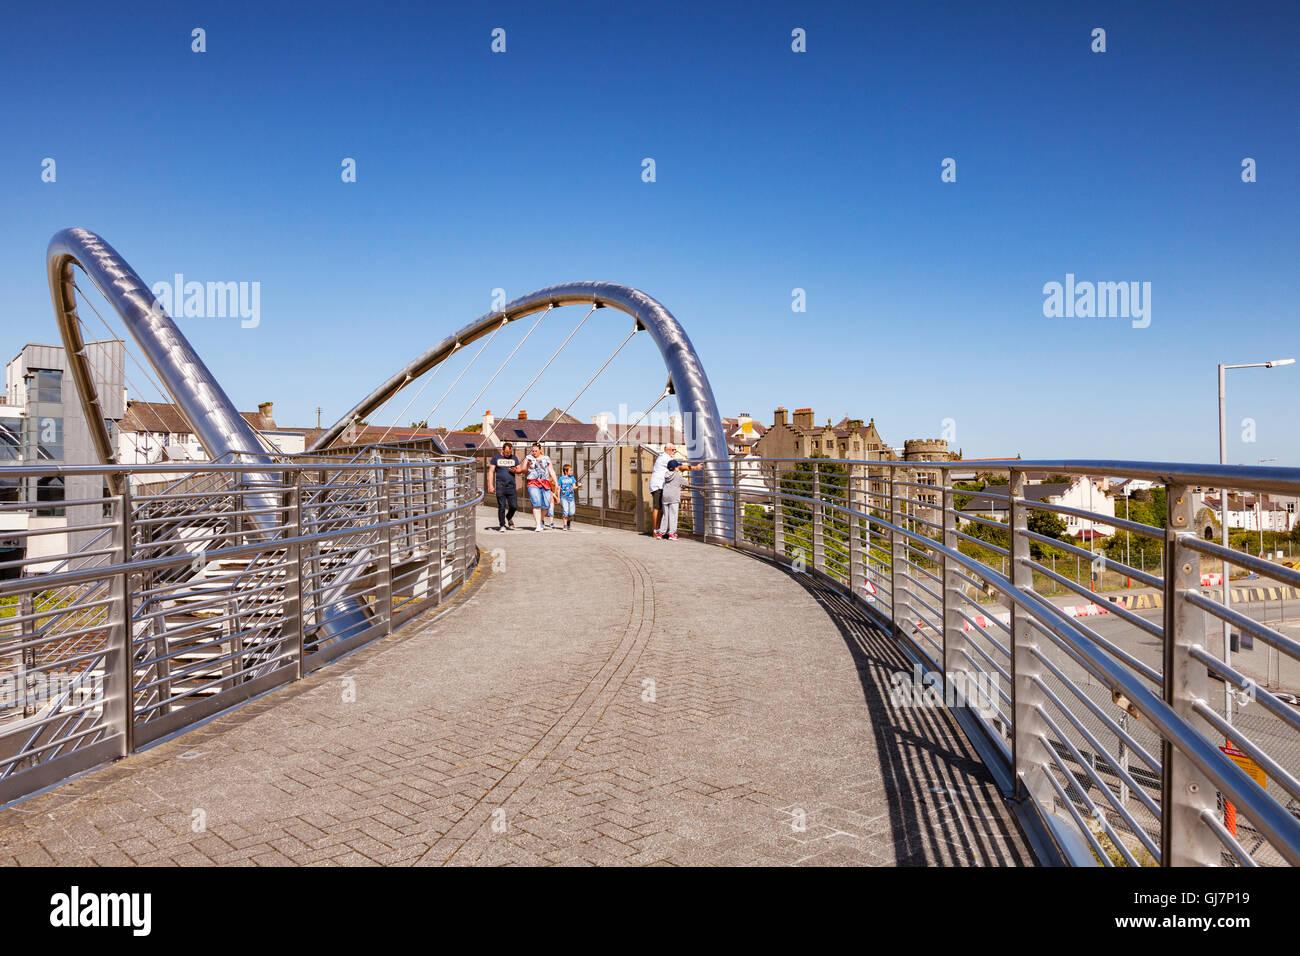 Celtic Gateway Bridge, Holyhead, Anglesey, Wales, UK - Stock Image